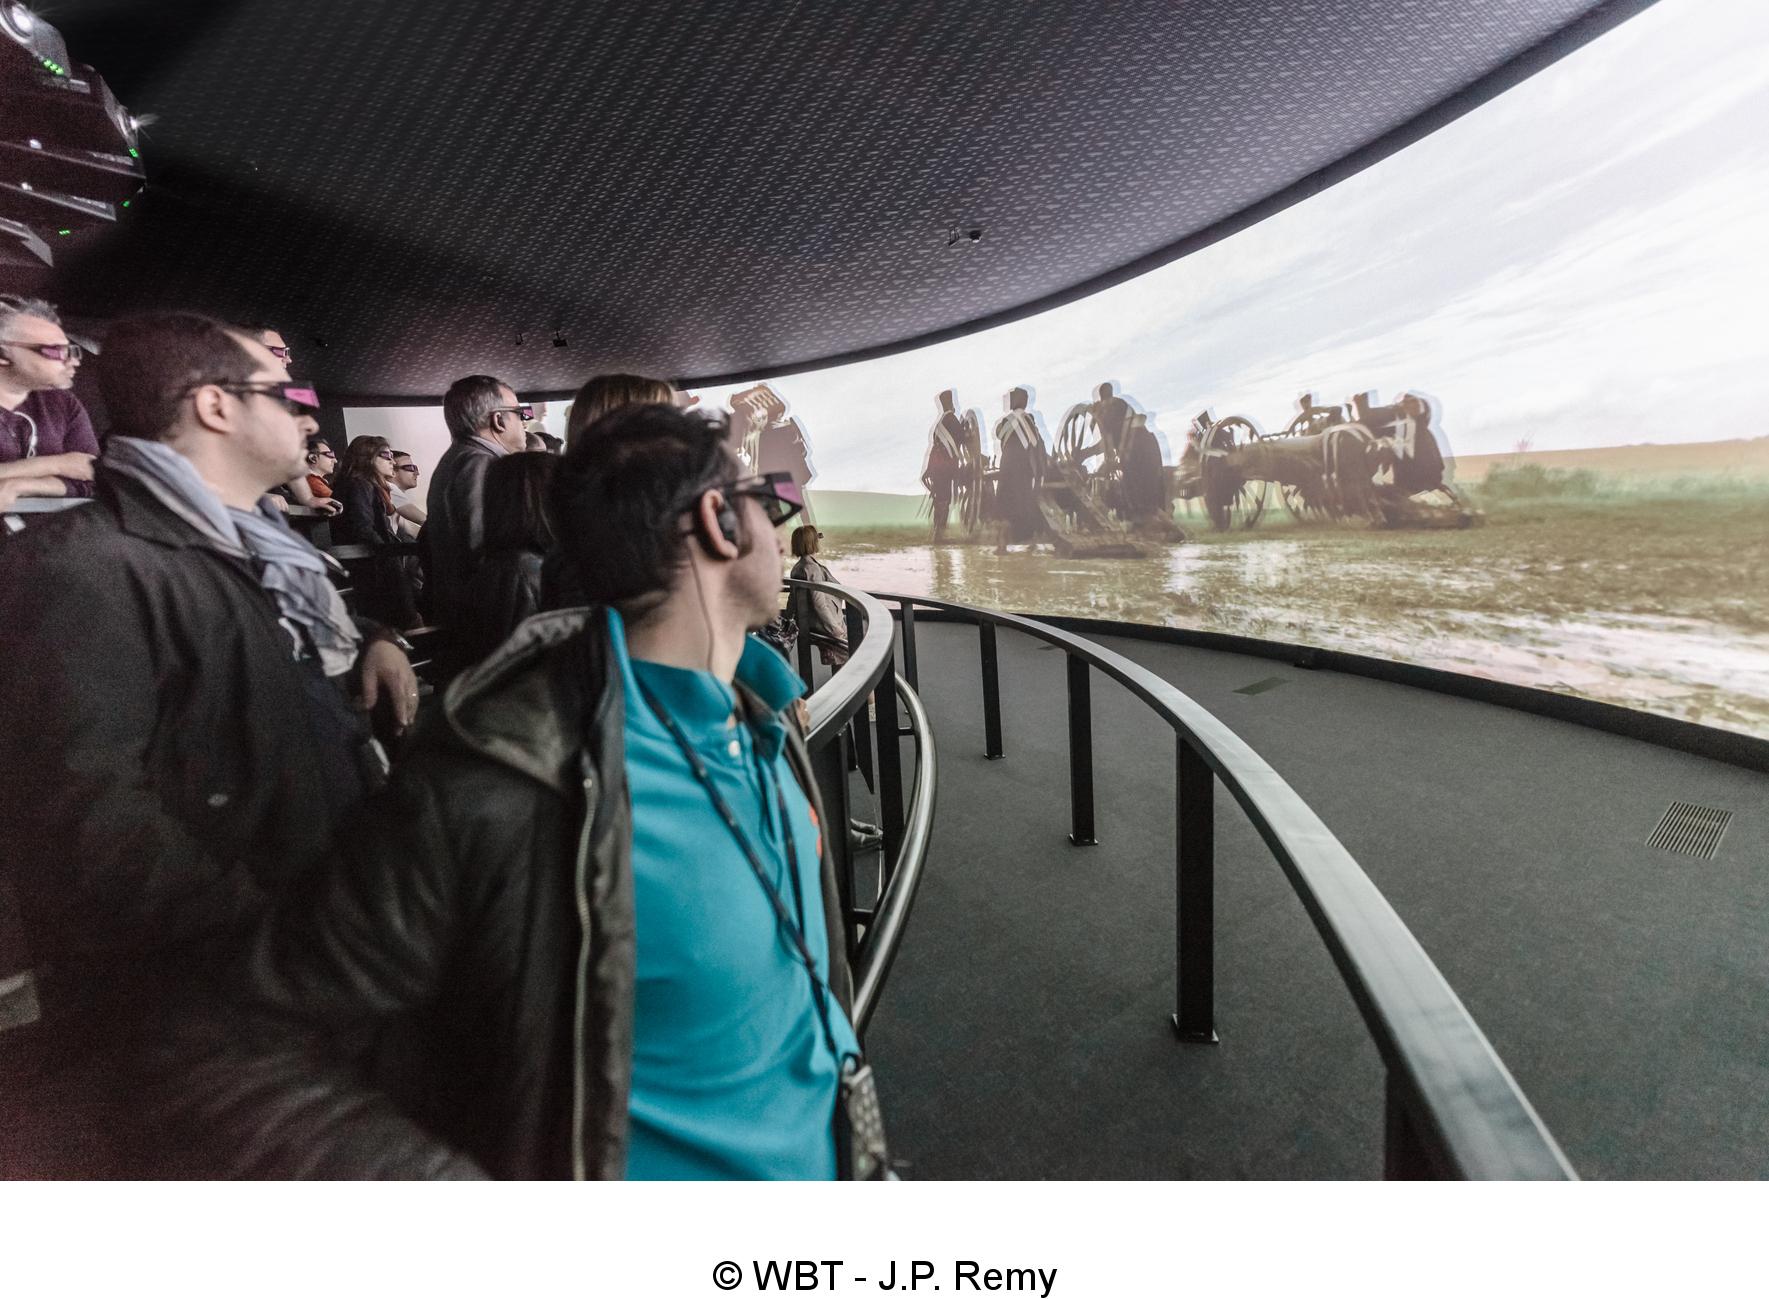 Mémorial 1815, interpretatiecentrum van de Slag bij Waterloo